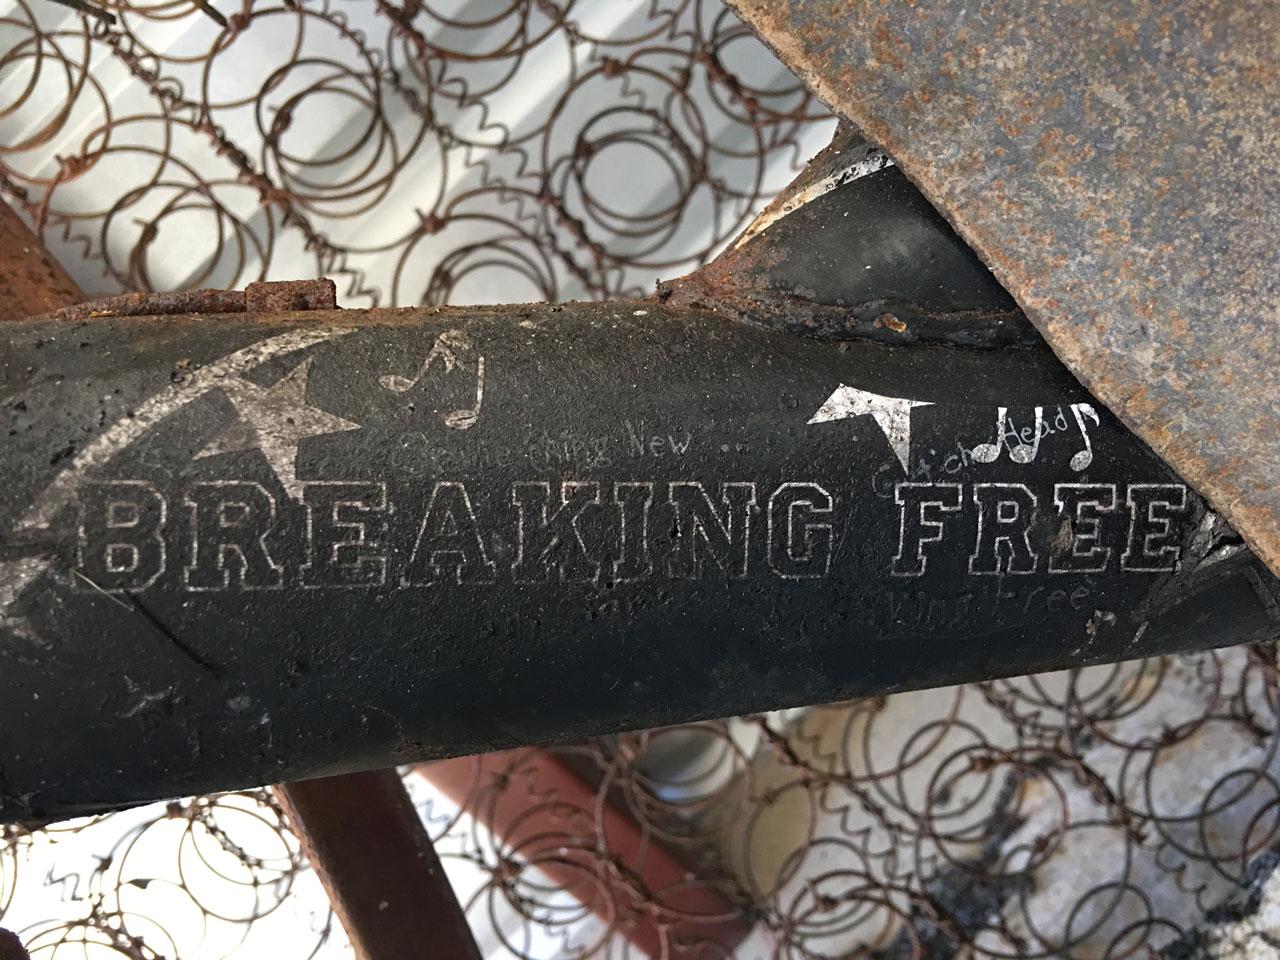 15breakingfree